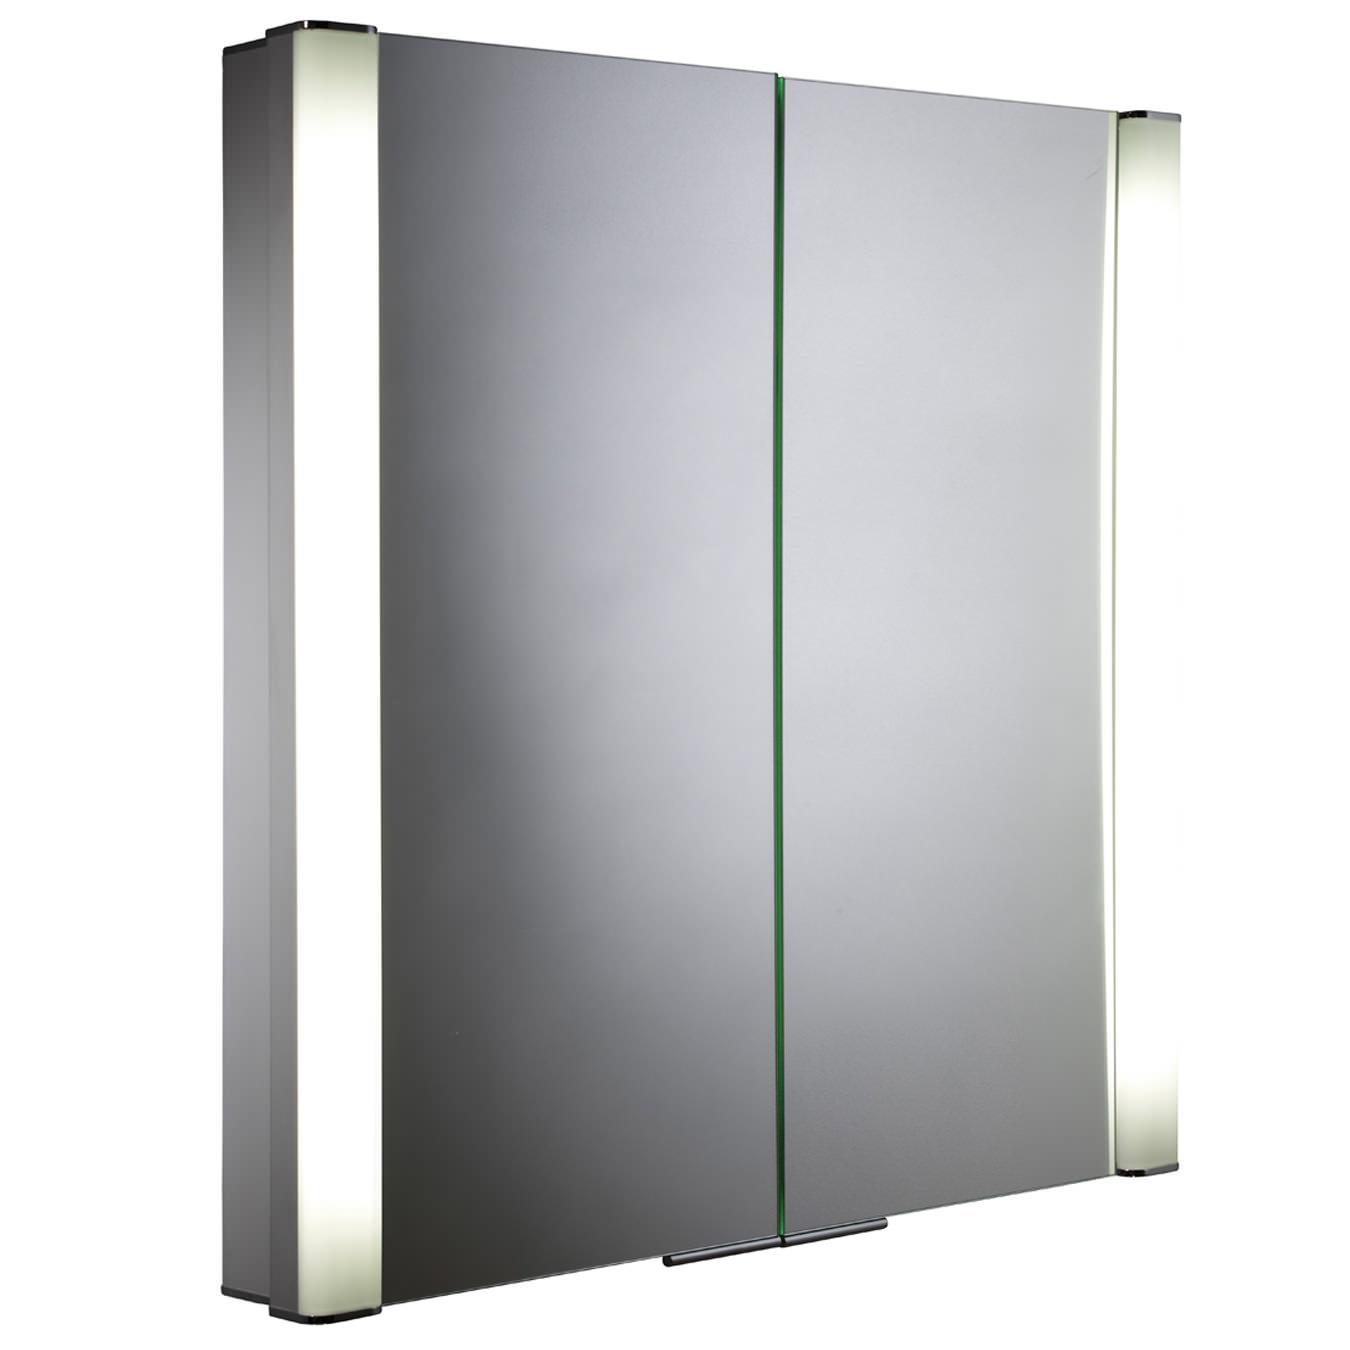 Recessible Bathroom Cabinet Specially For Indianapolis Deebonk